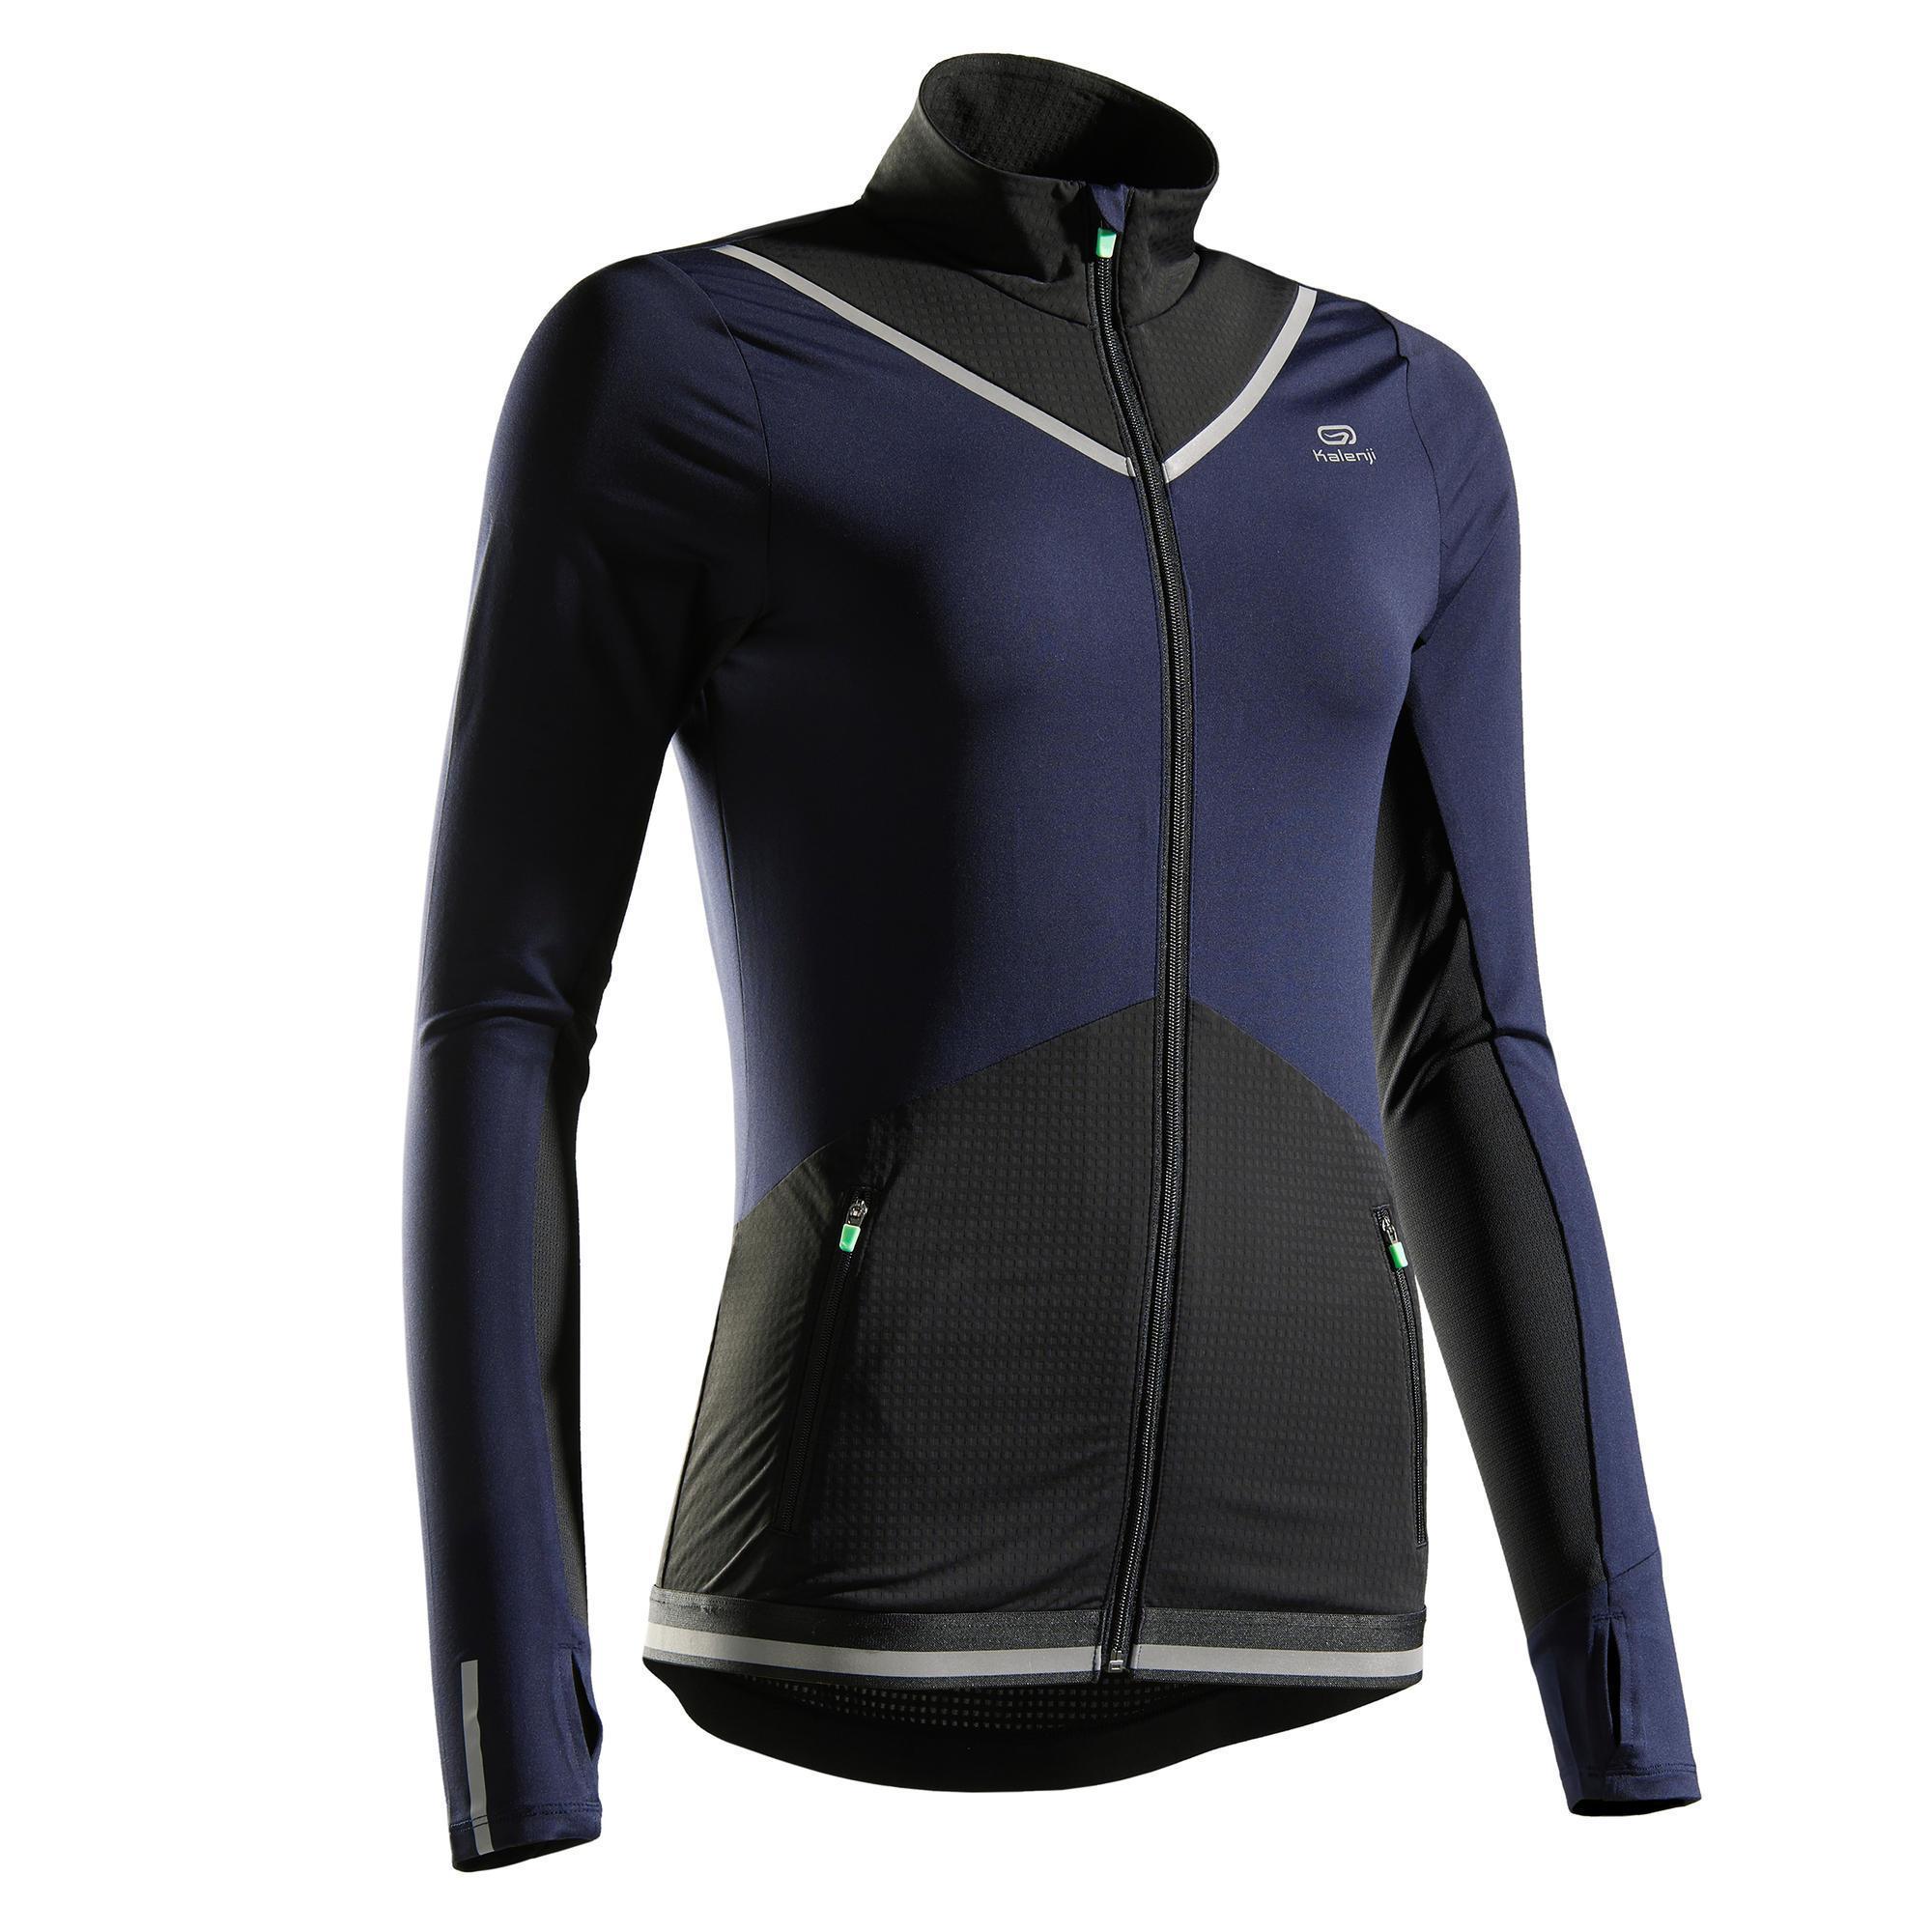 Laufjacke Kiprun Warm Damen marineblau | Sportbekleidung > Sportjacken > Laufjacken | Blau - Schwarz | Kalenji